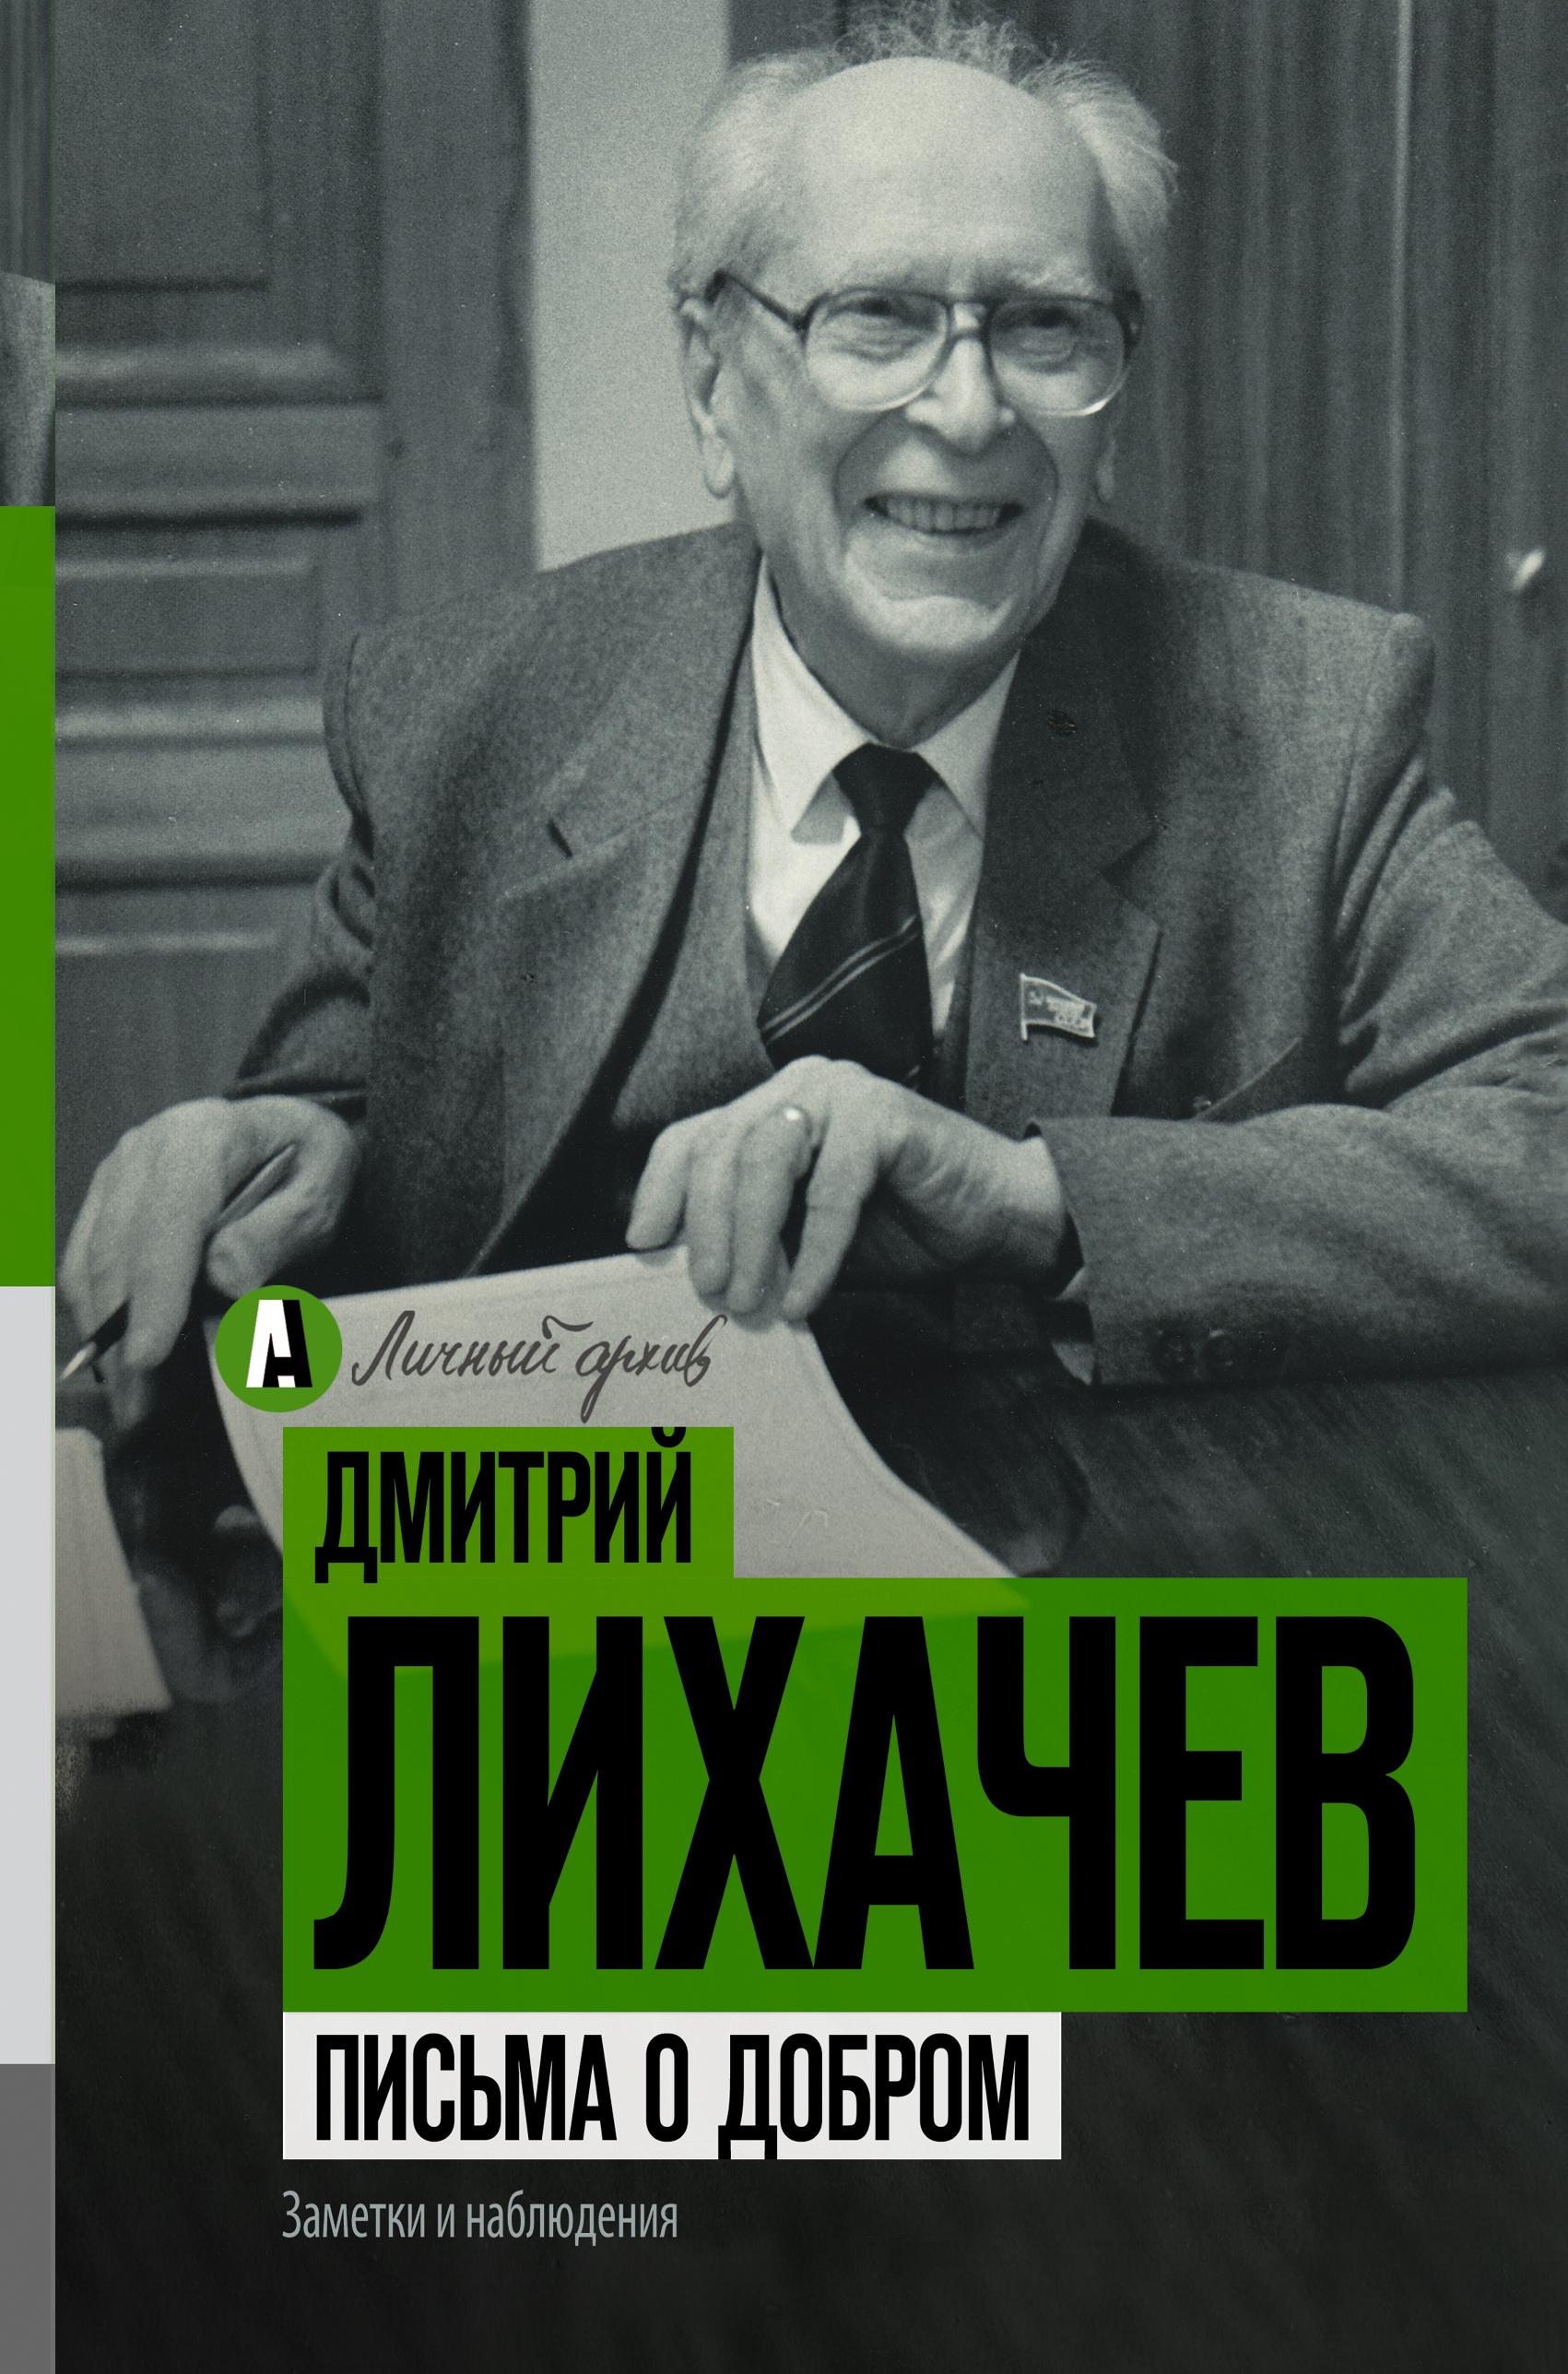 Дмитрий Лихачев Письма о добром дмитрий сергеевич лихачев письма о добром и прекрасном купить